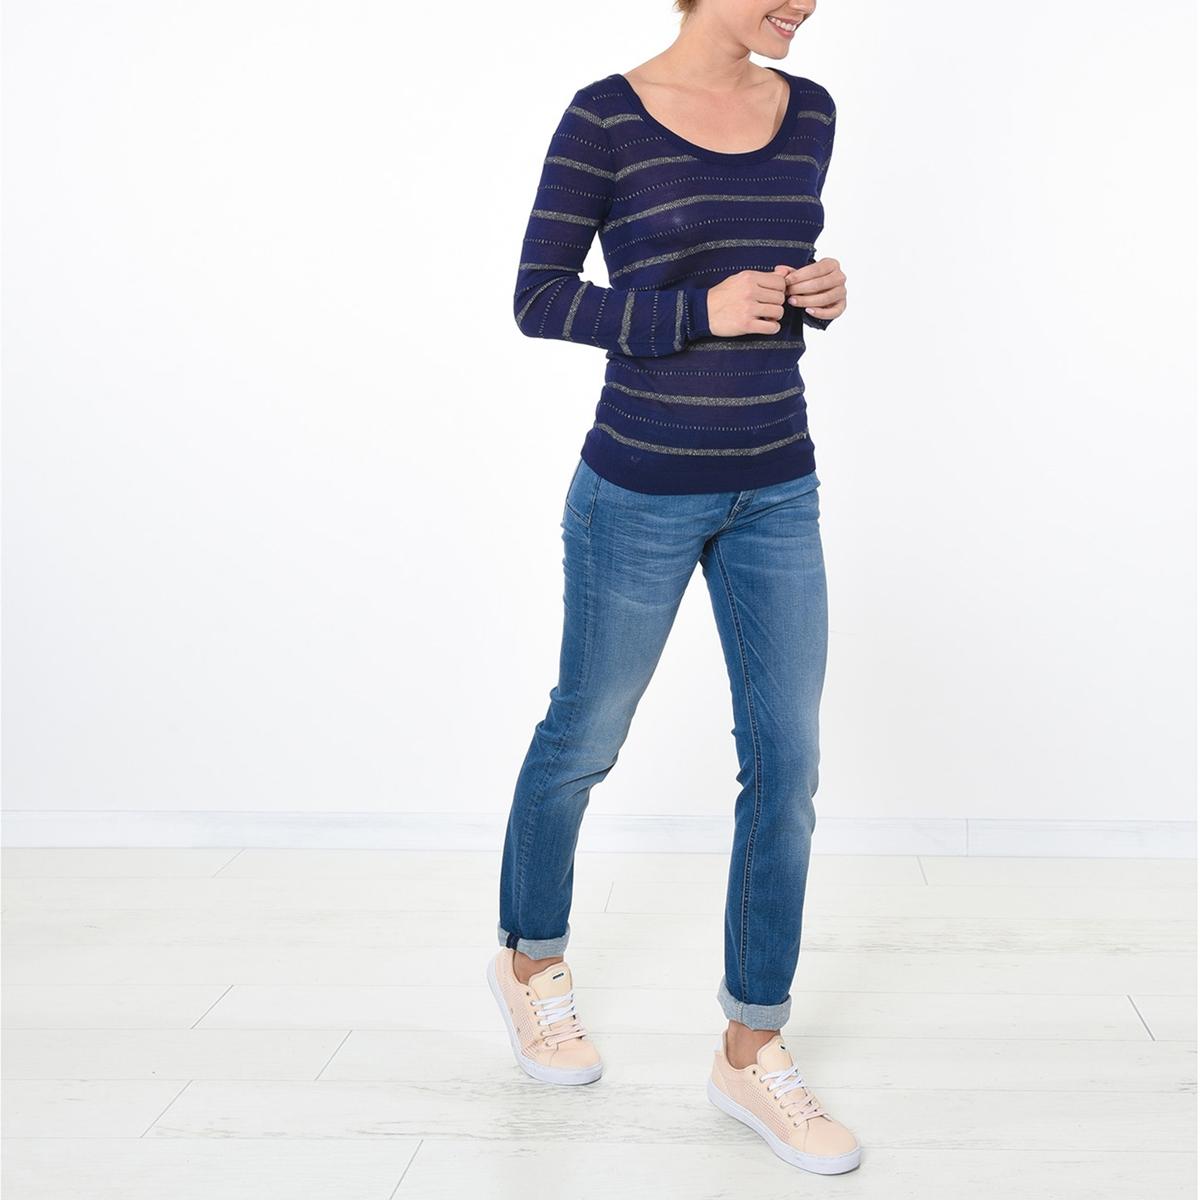 Пуловер с круглым вырезом из вискозыДетали  •  Классическая модель •  Длинные рукава •  Круглый вырез •  Тонкий трикотажСостав и уход •  90% вискозы, 2% полиамида, 8% полиэстера •  Следуйте советам по уходу, указанным на этикетке<br><br>Цвет: синий морской<br>Размер: S